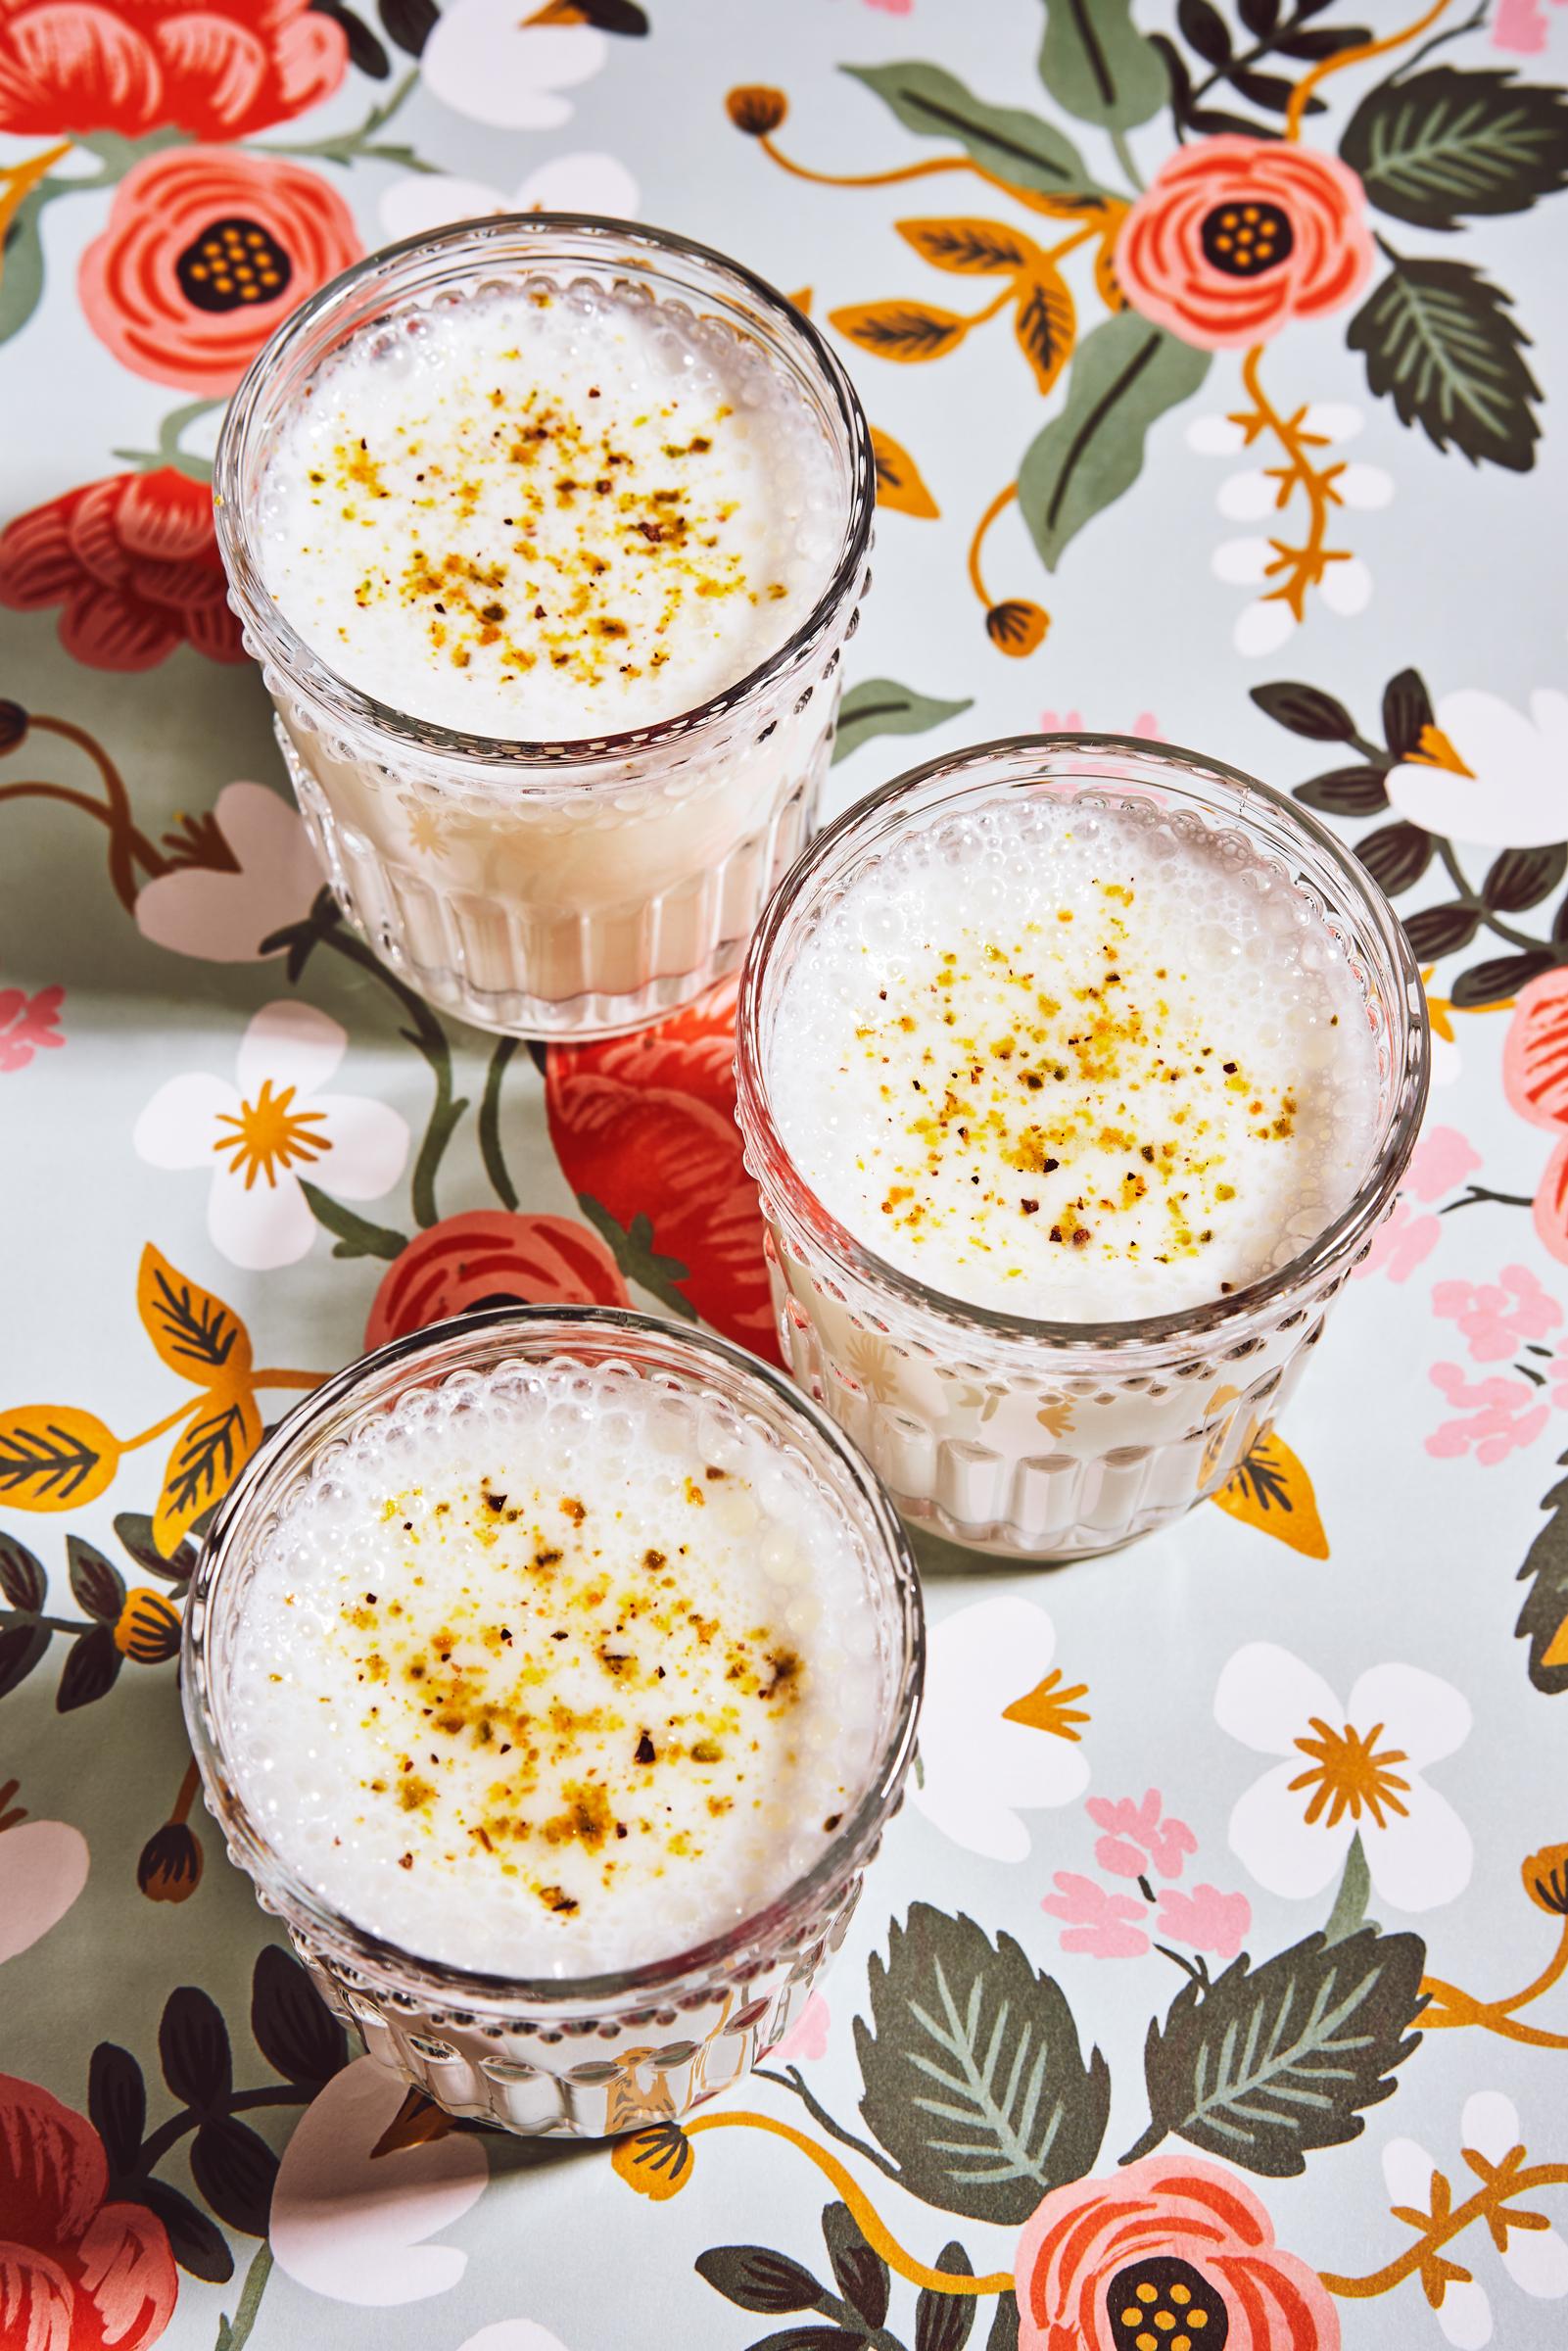 deepi-ahluwalia-summer-drinks-2.jpg